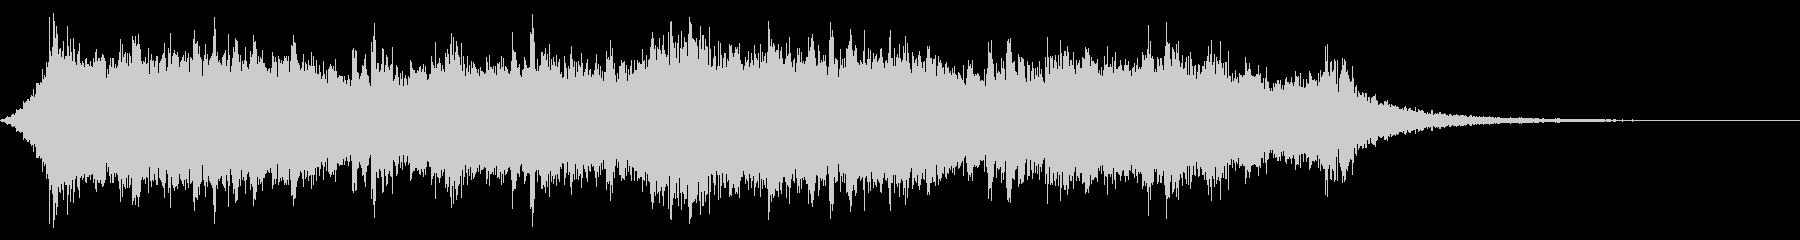 アジアやシルクロードの映像にあう曲30秒の未再生の波形